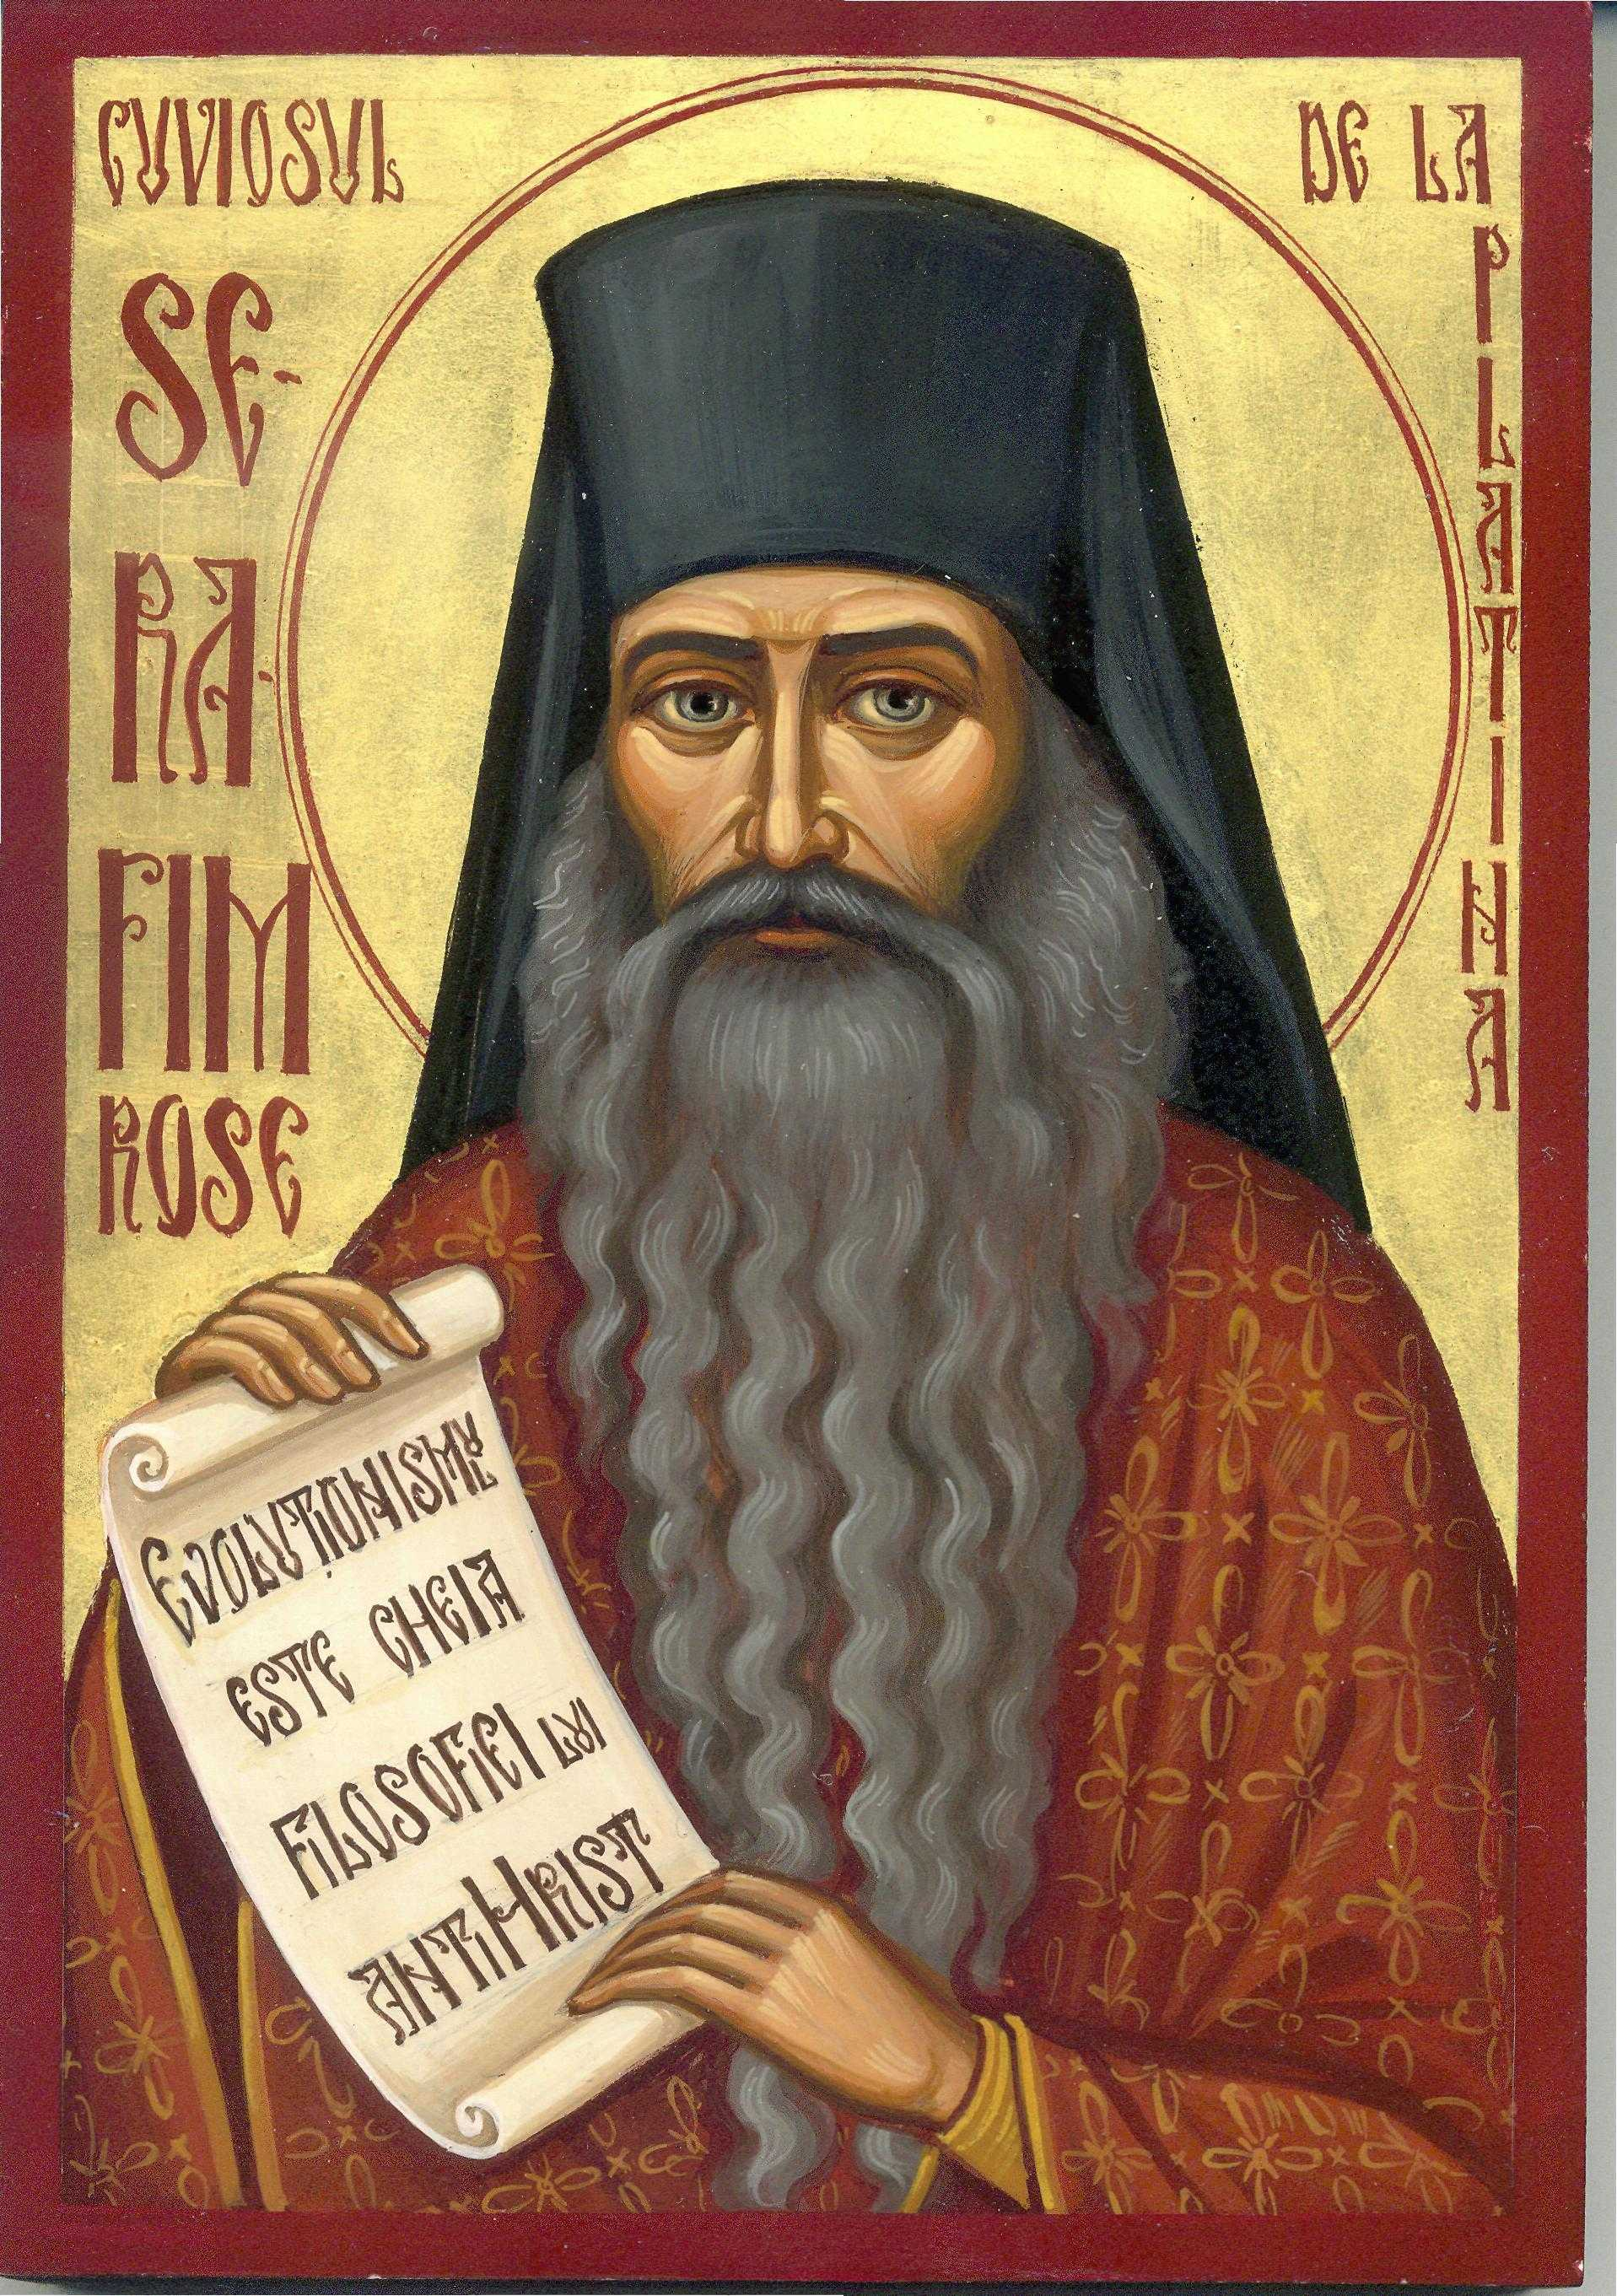 ACATISTUL <b>Cuviosului Serafim Rose</b> din Platina, <i>&#8220;candela stralucitoare a lui Hristos ce lumineaza vremurile din urma&#8221;</i> (2 septembrie)